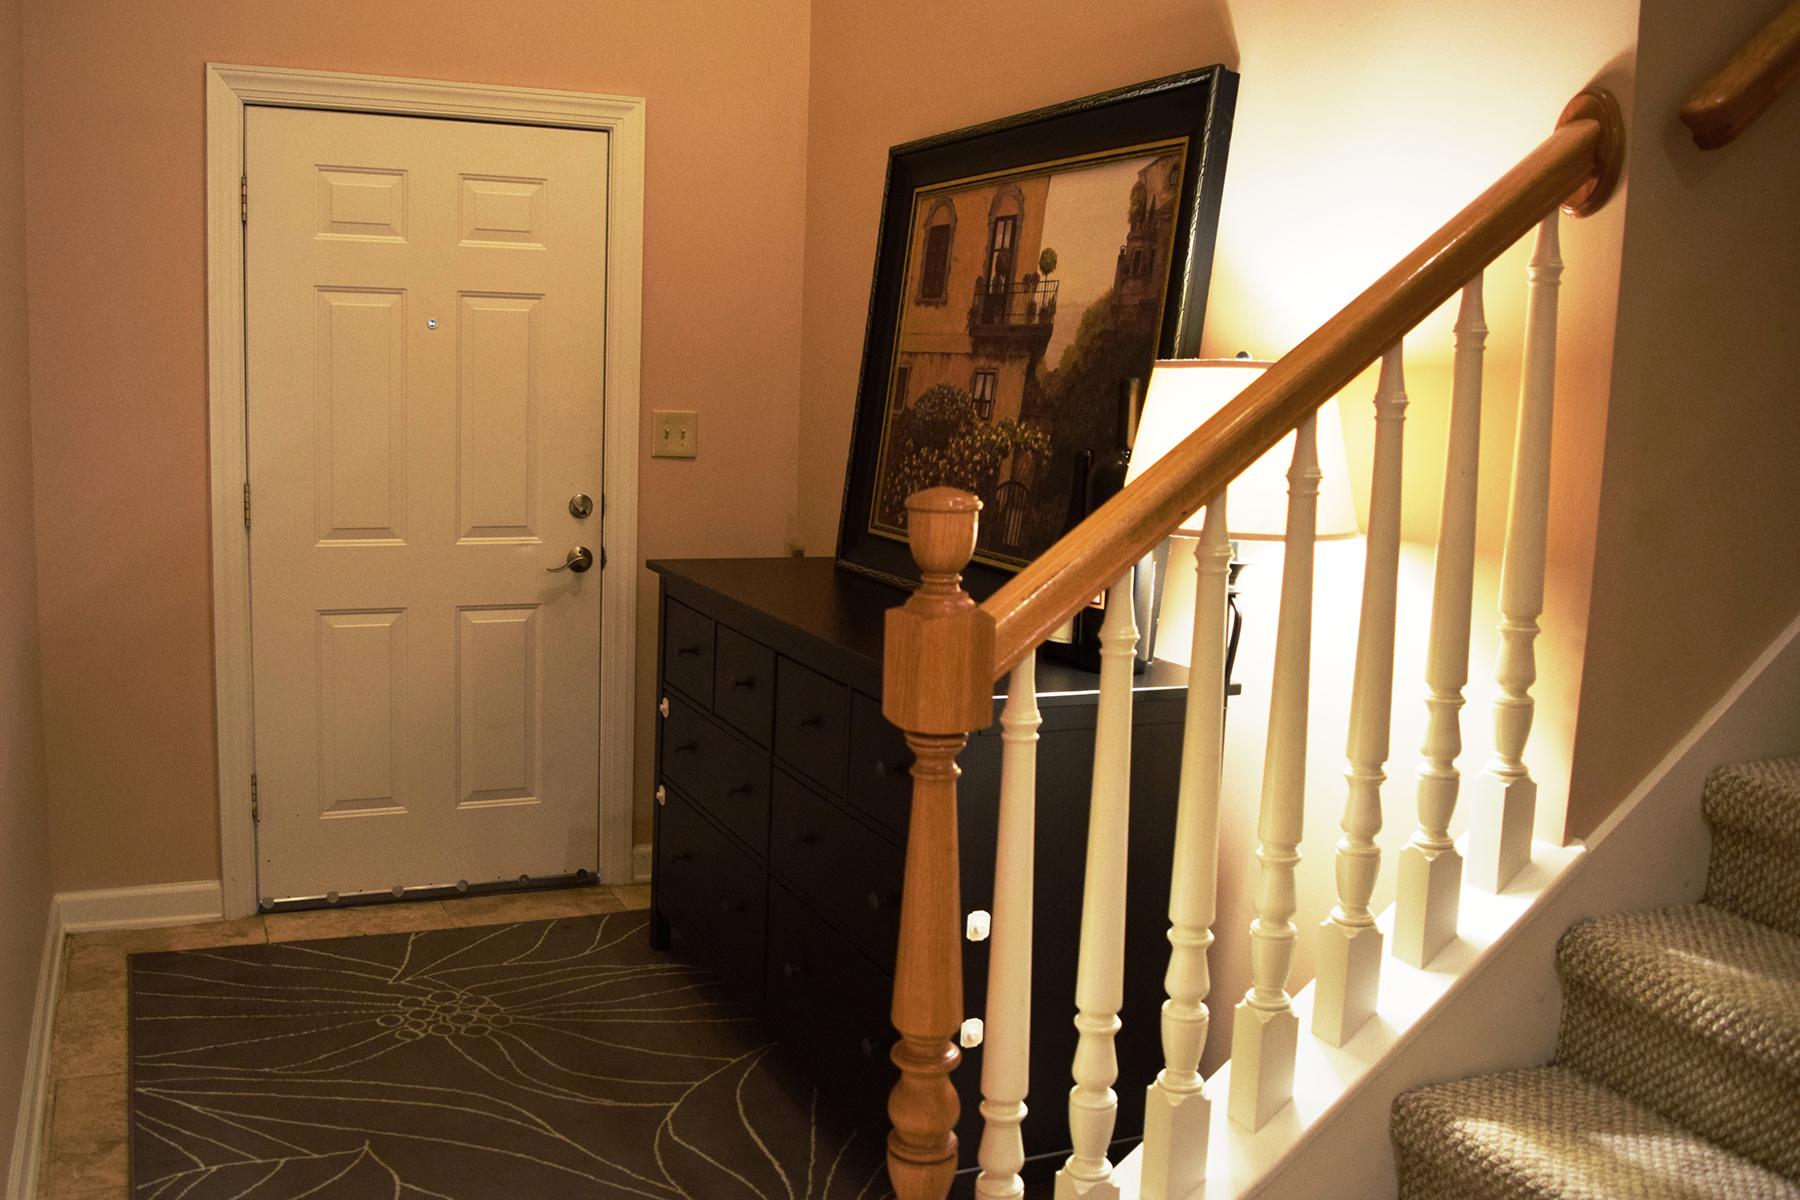 Condominium for Sale at BANNER ELK - THE COTTAGES AT BANNER ELK 210 Old Hotel Dr 11, Banner Elk, North Carolina 28604 United States